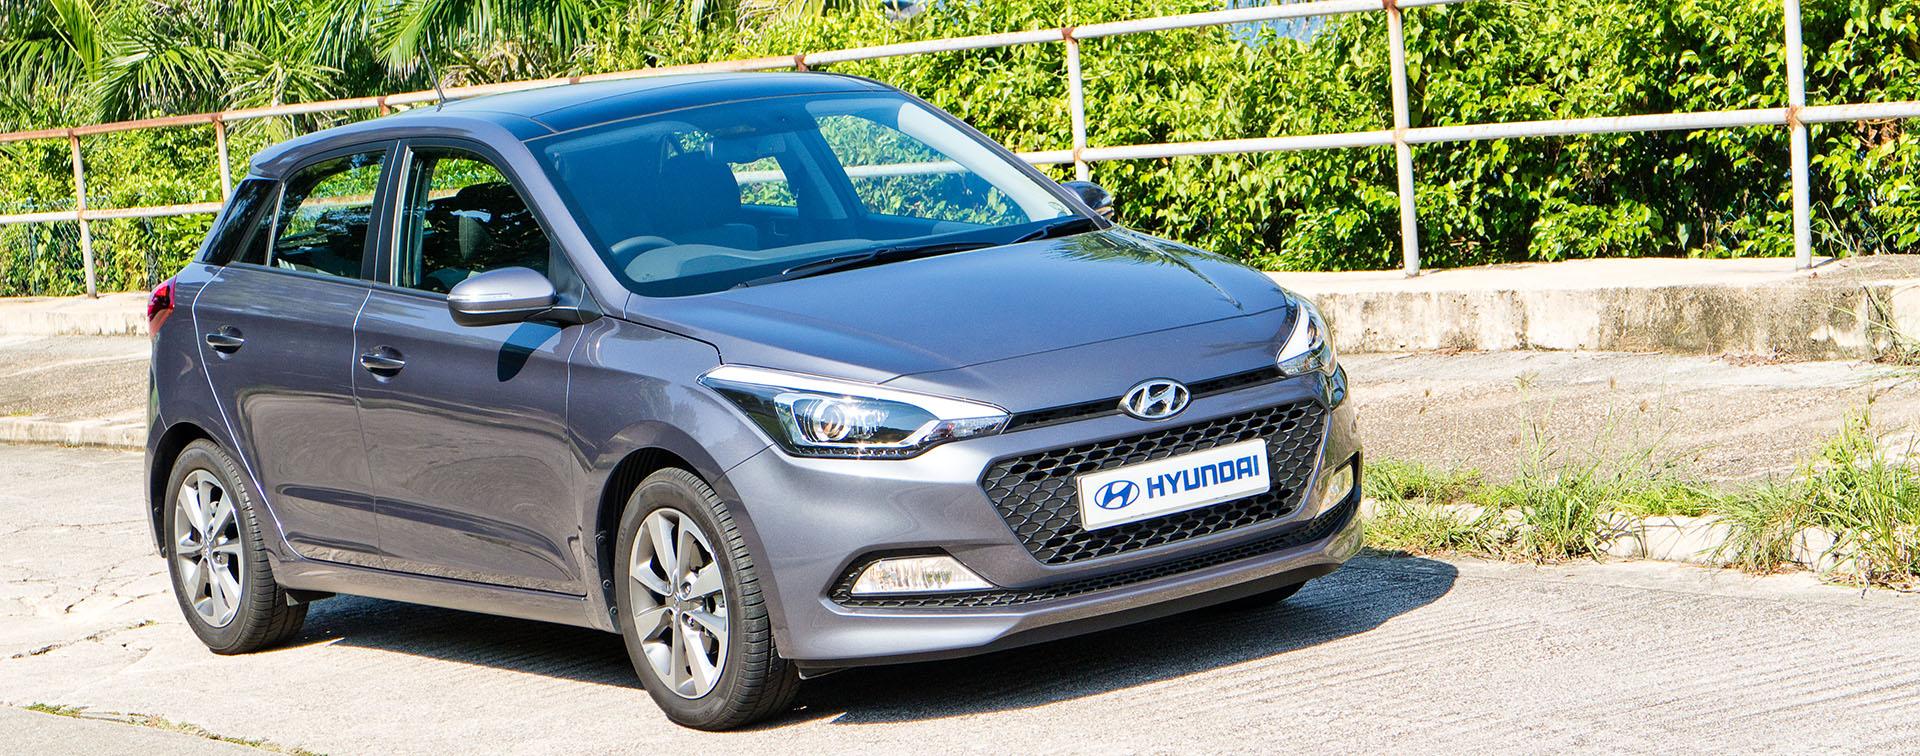 Hyundai i20 Gebrauchtwagen bestellen